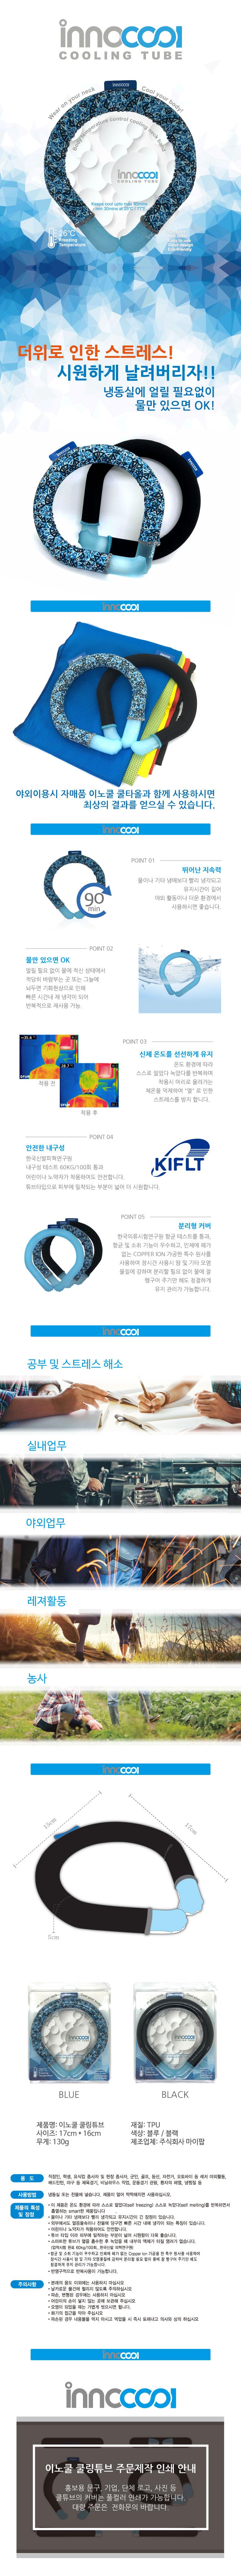 자가냉각 아이스 넥쿨러 이노쿨 쿨링튜브 - 마이팝, 26,500원, 여름용품, 아이스/쿨링용품